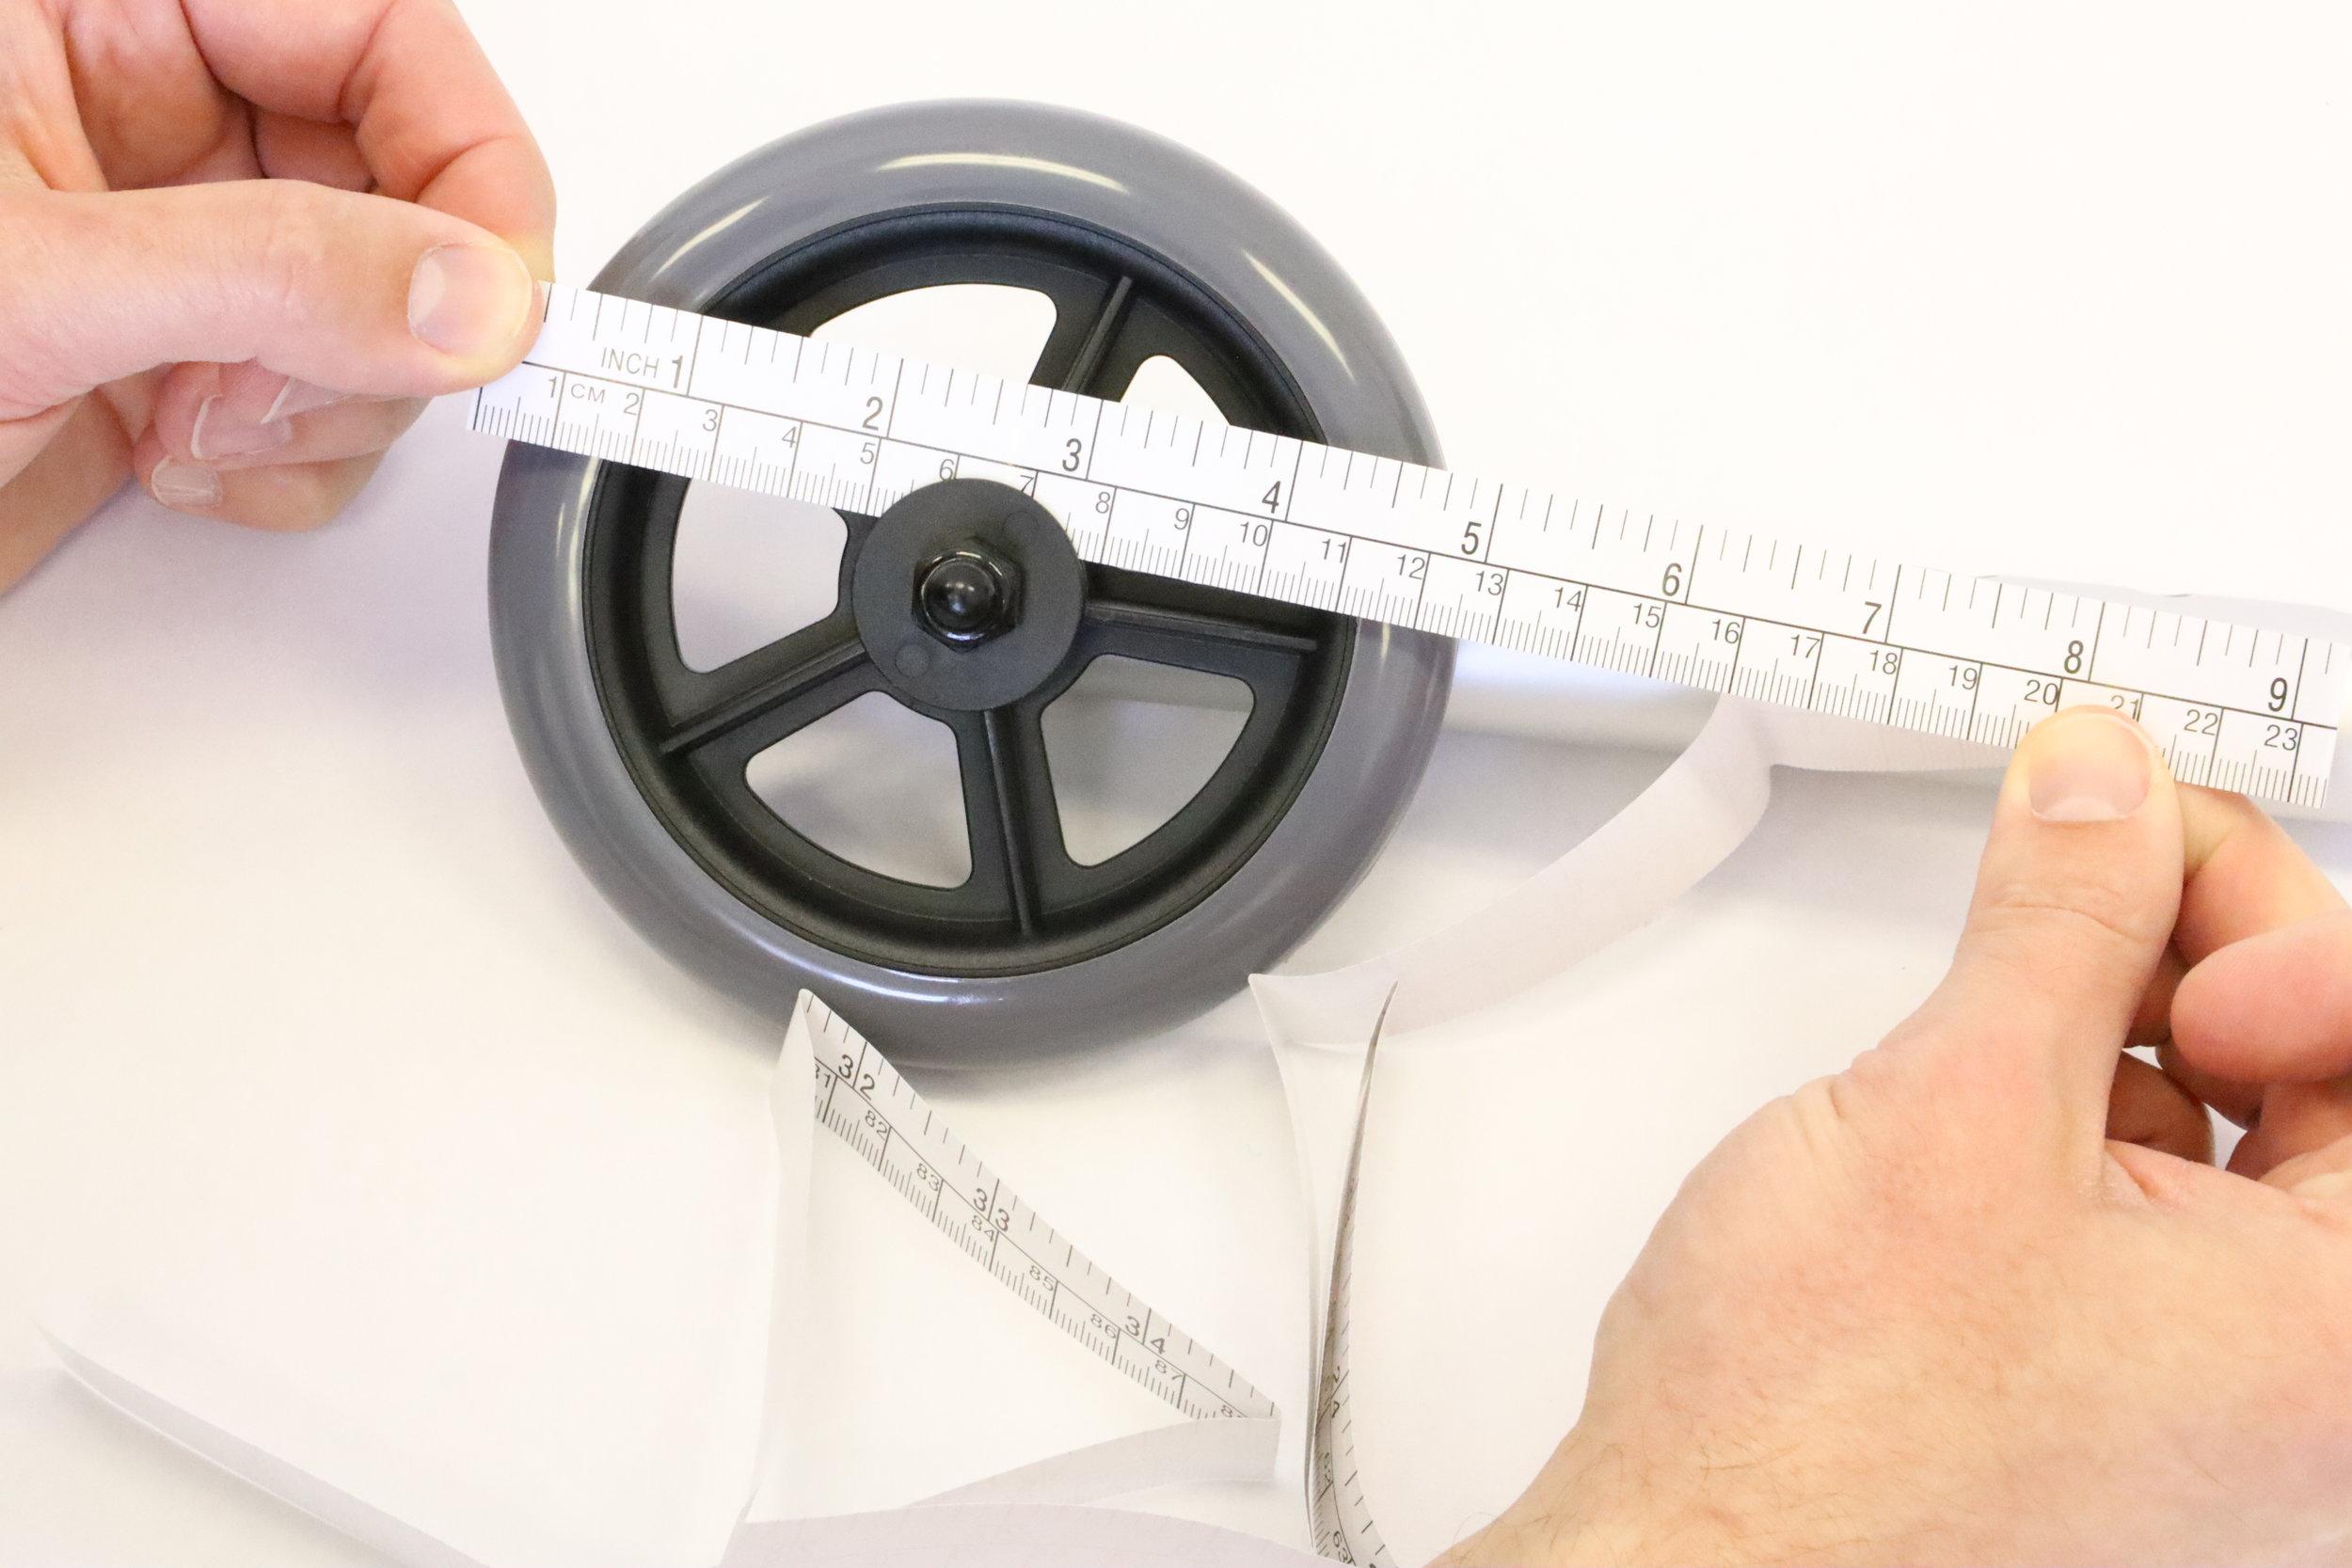 This walker wheel is about 125 millimeters in diameter (12.5 cm).